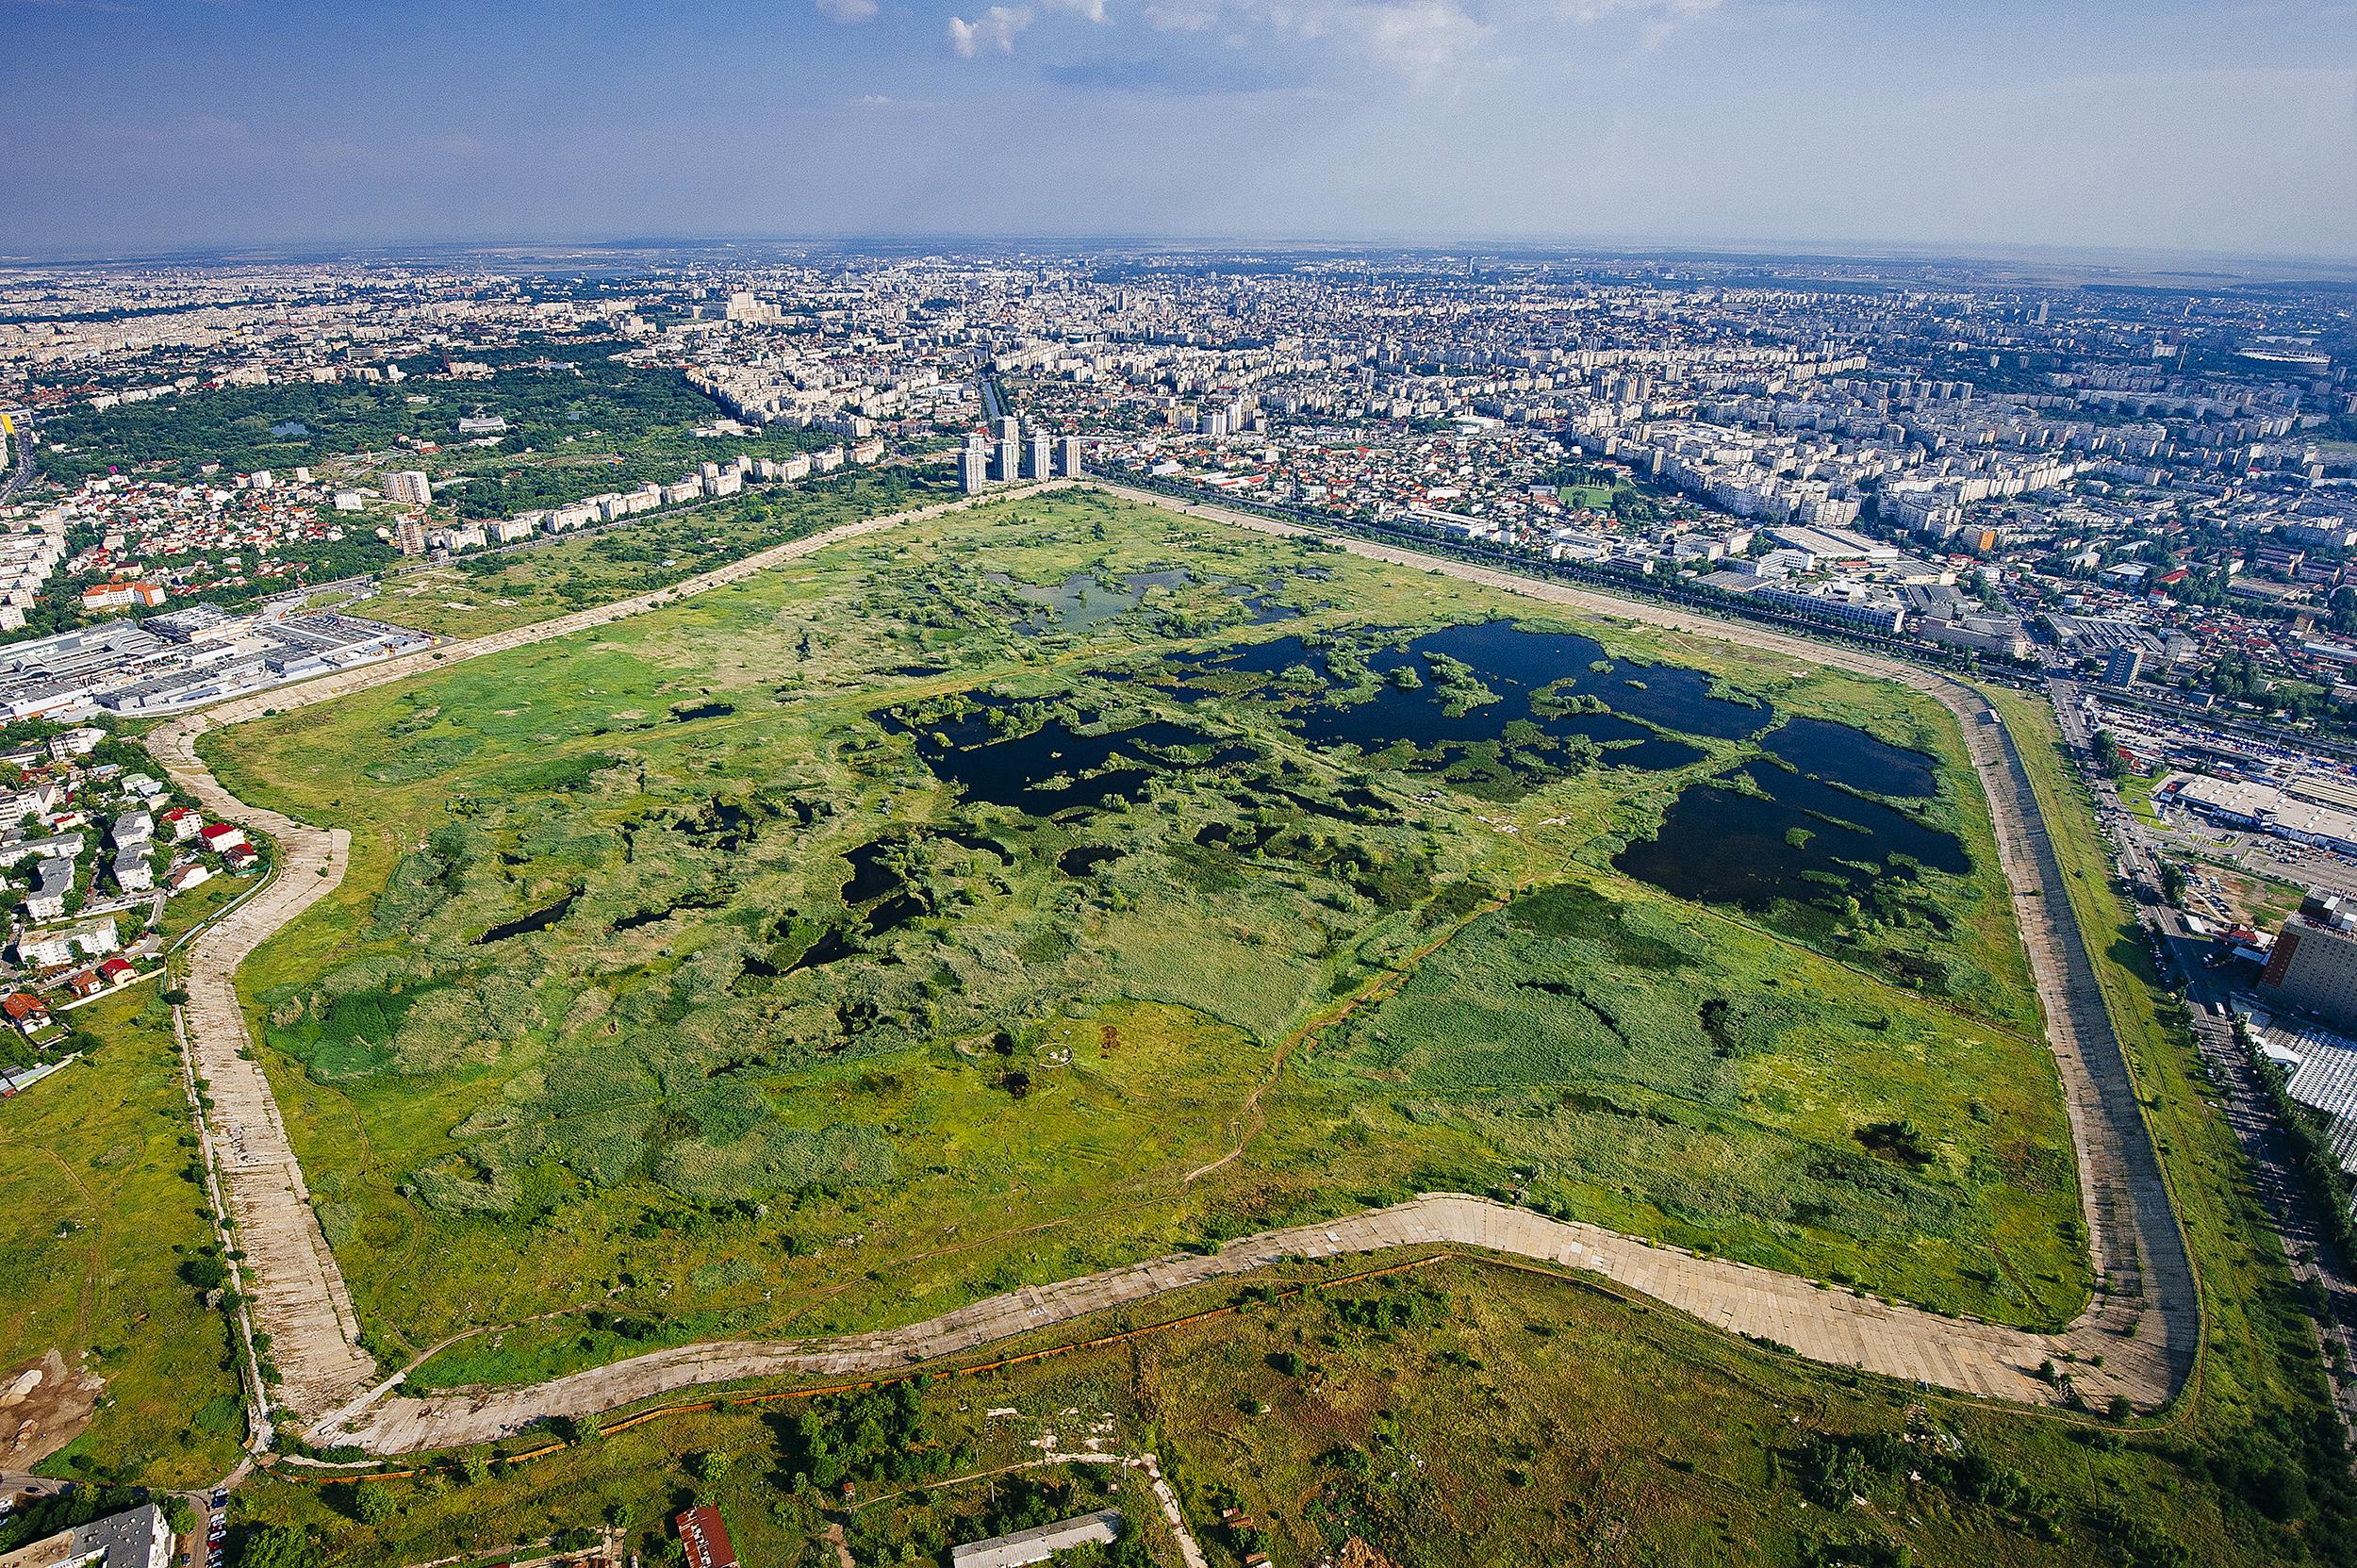 Parcul Natural Vacaresti - Campanie pentru infiintarea primului parc natural urban din Romania